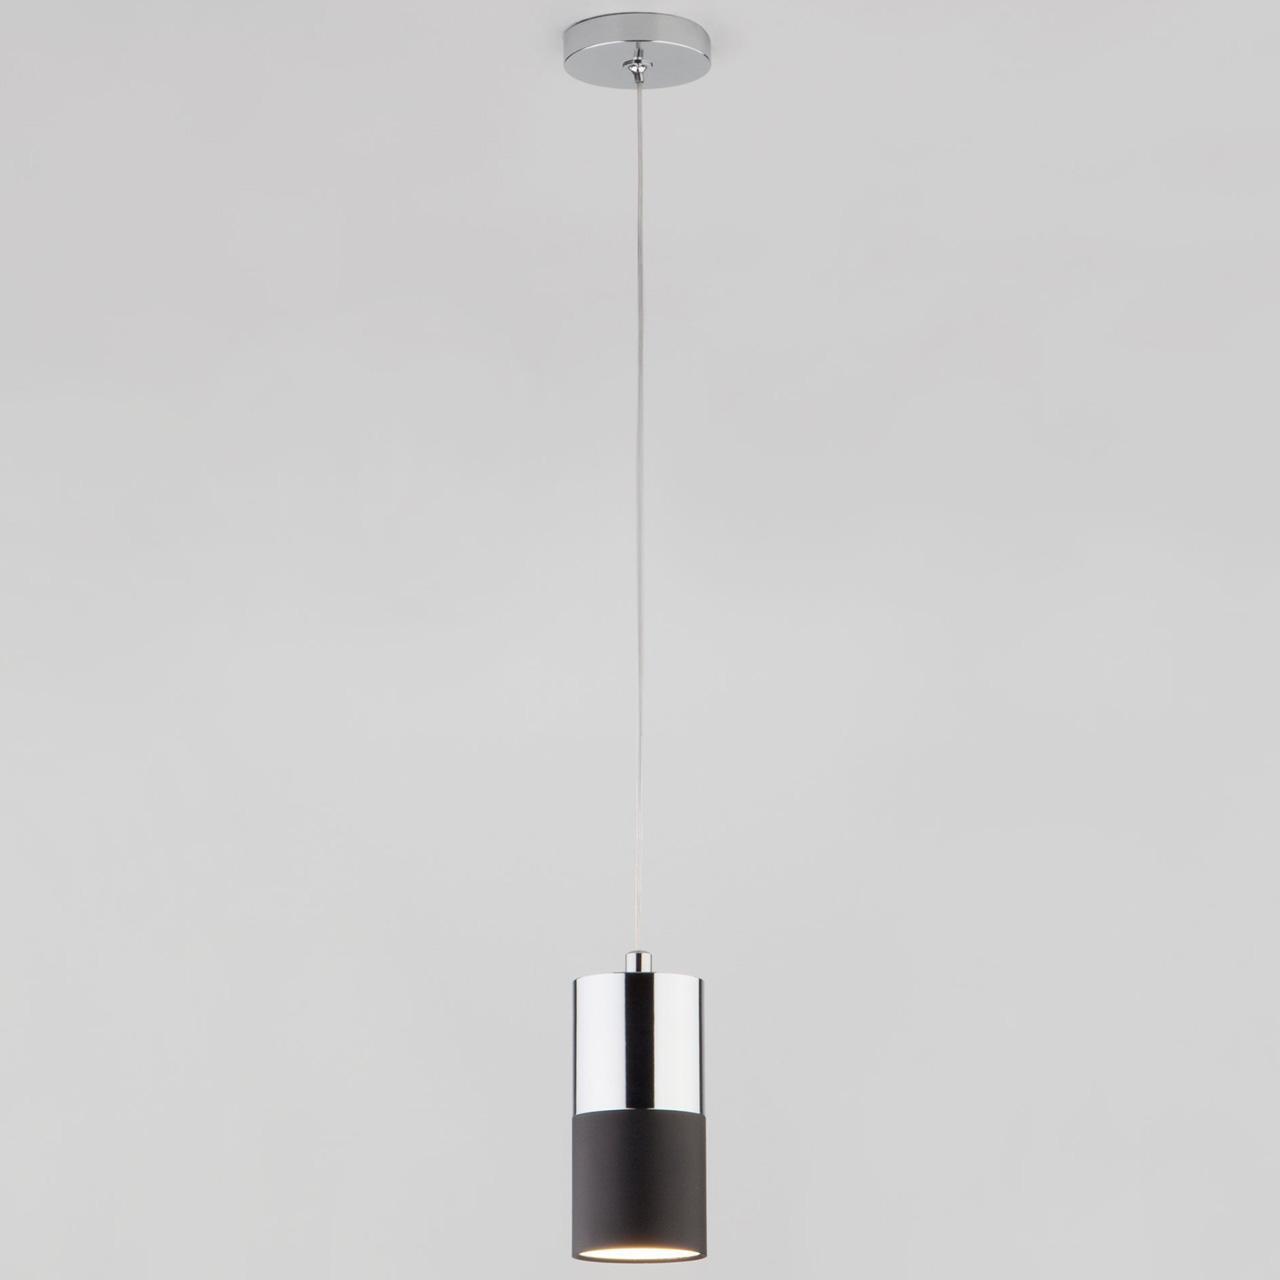 Подвесной светильник Eurosvet Mini Topper 50146/1 хром/черный